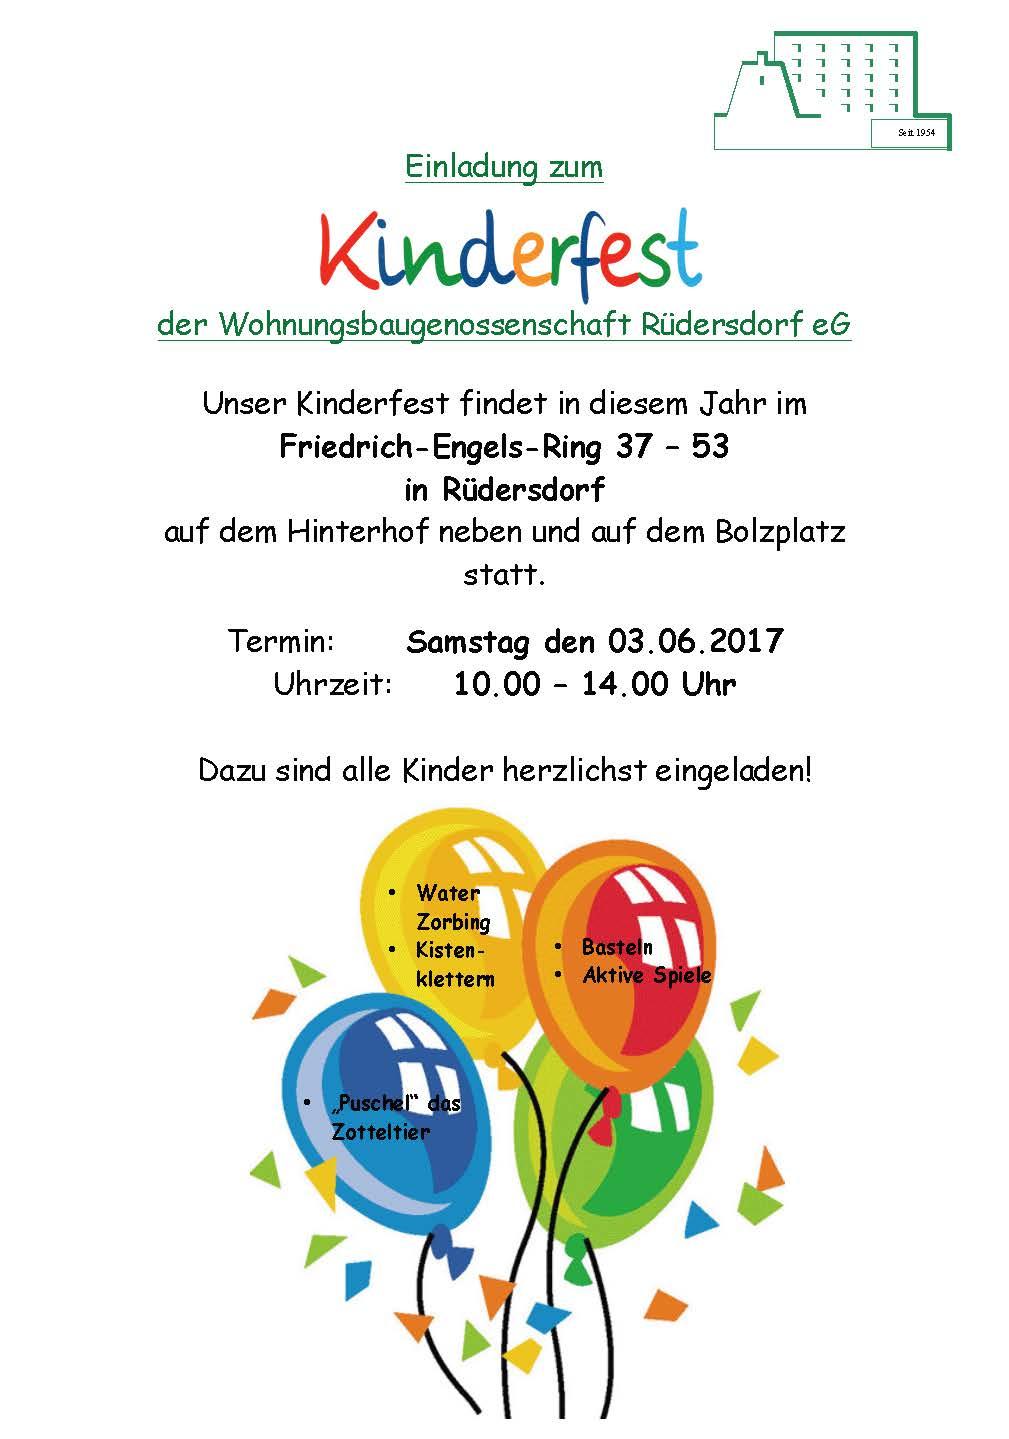 kinderfest, Einladungen